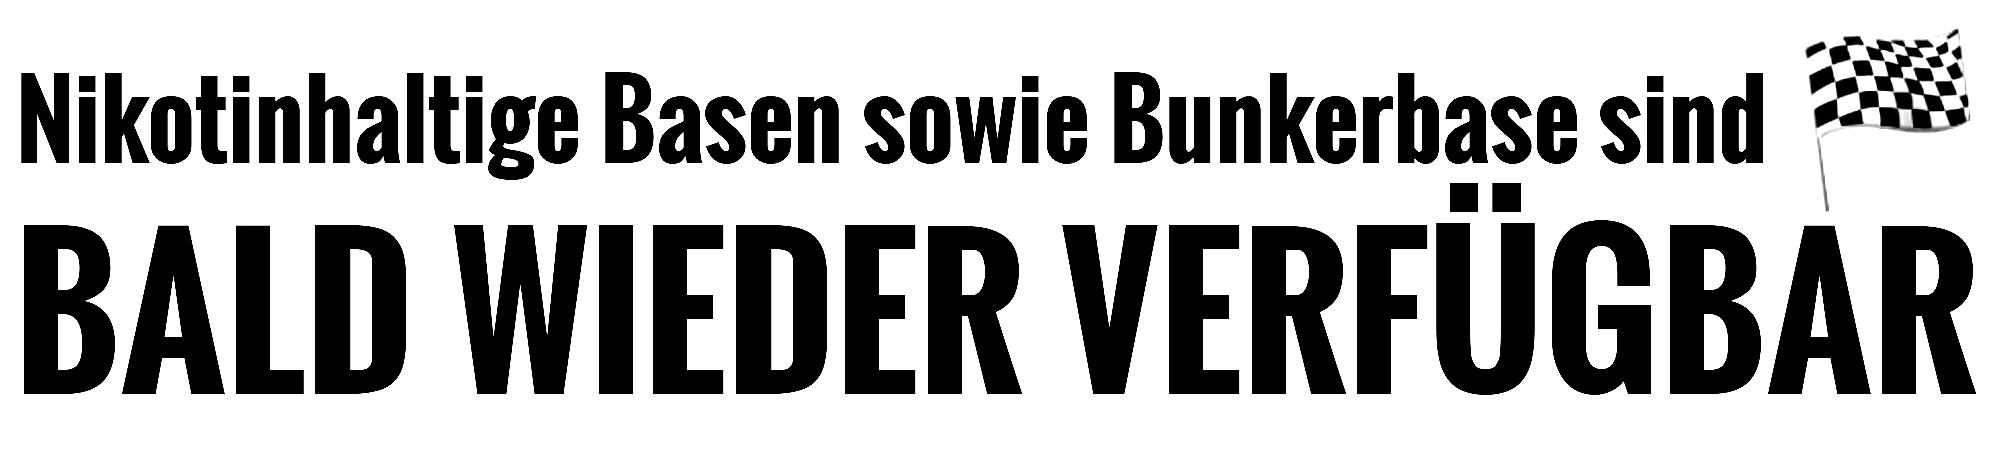 banner-basen-nicht-da58f766b4b3011